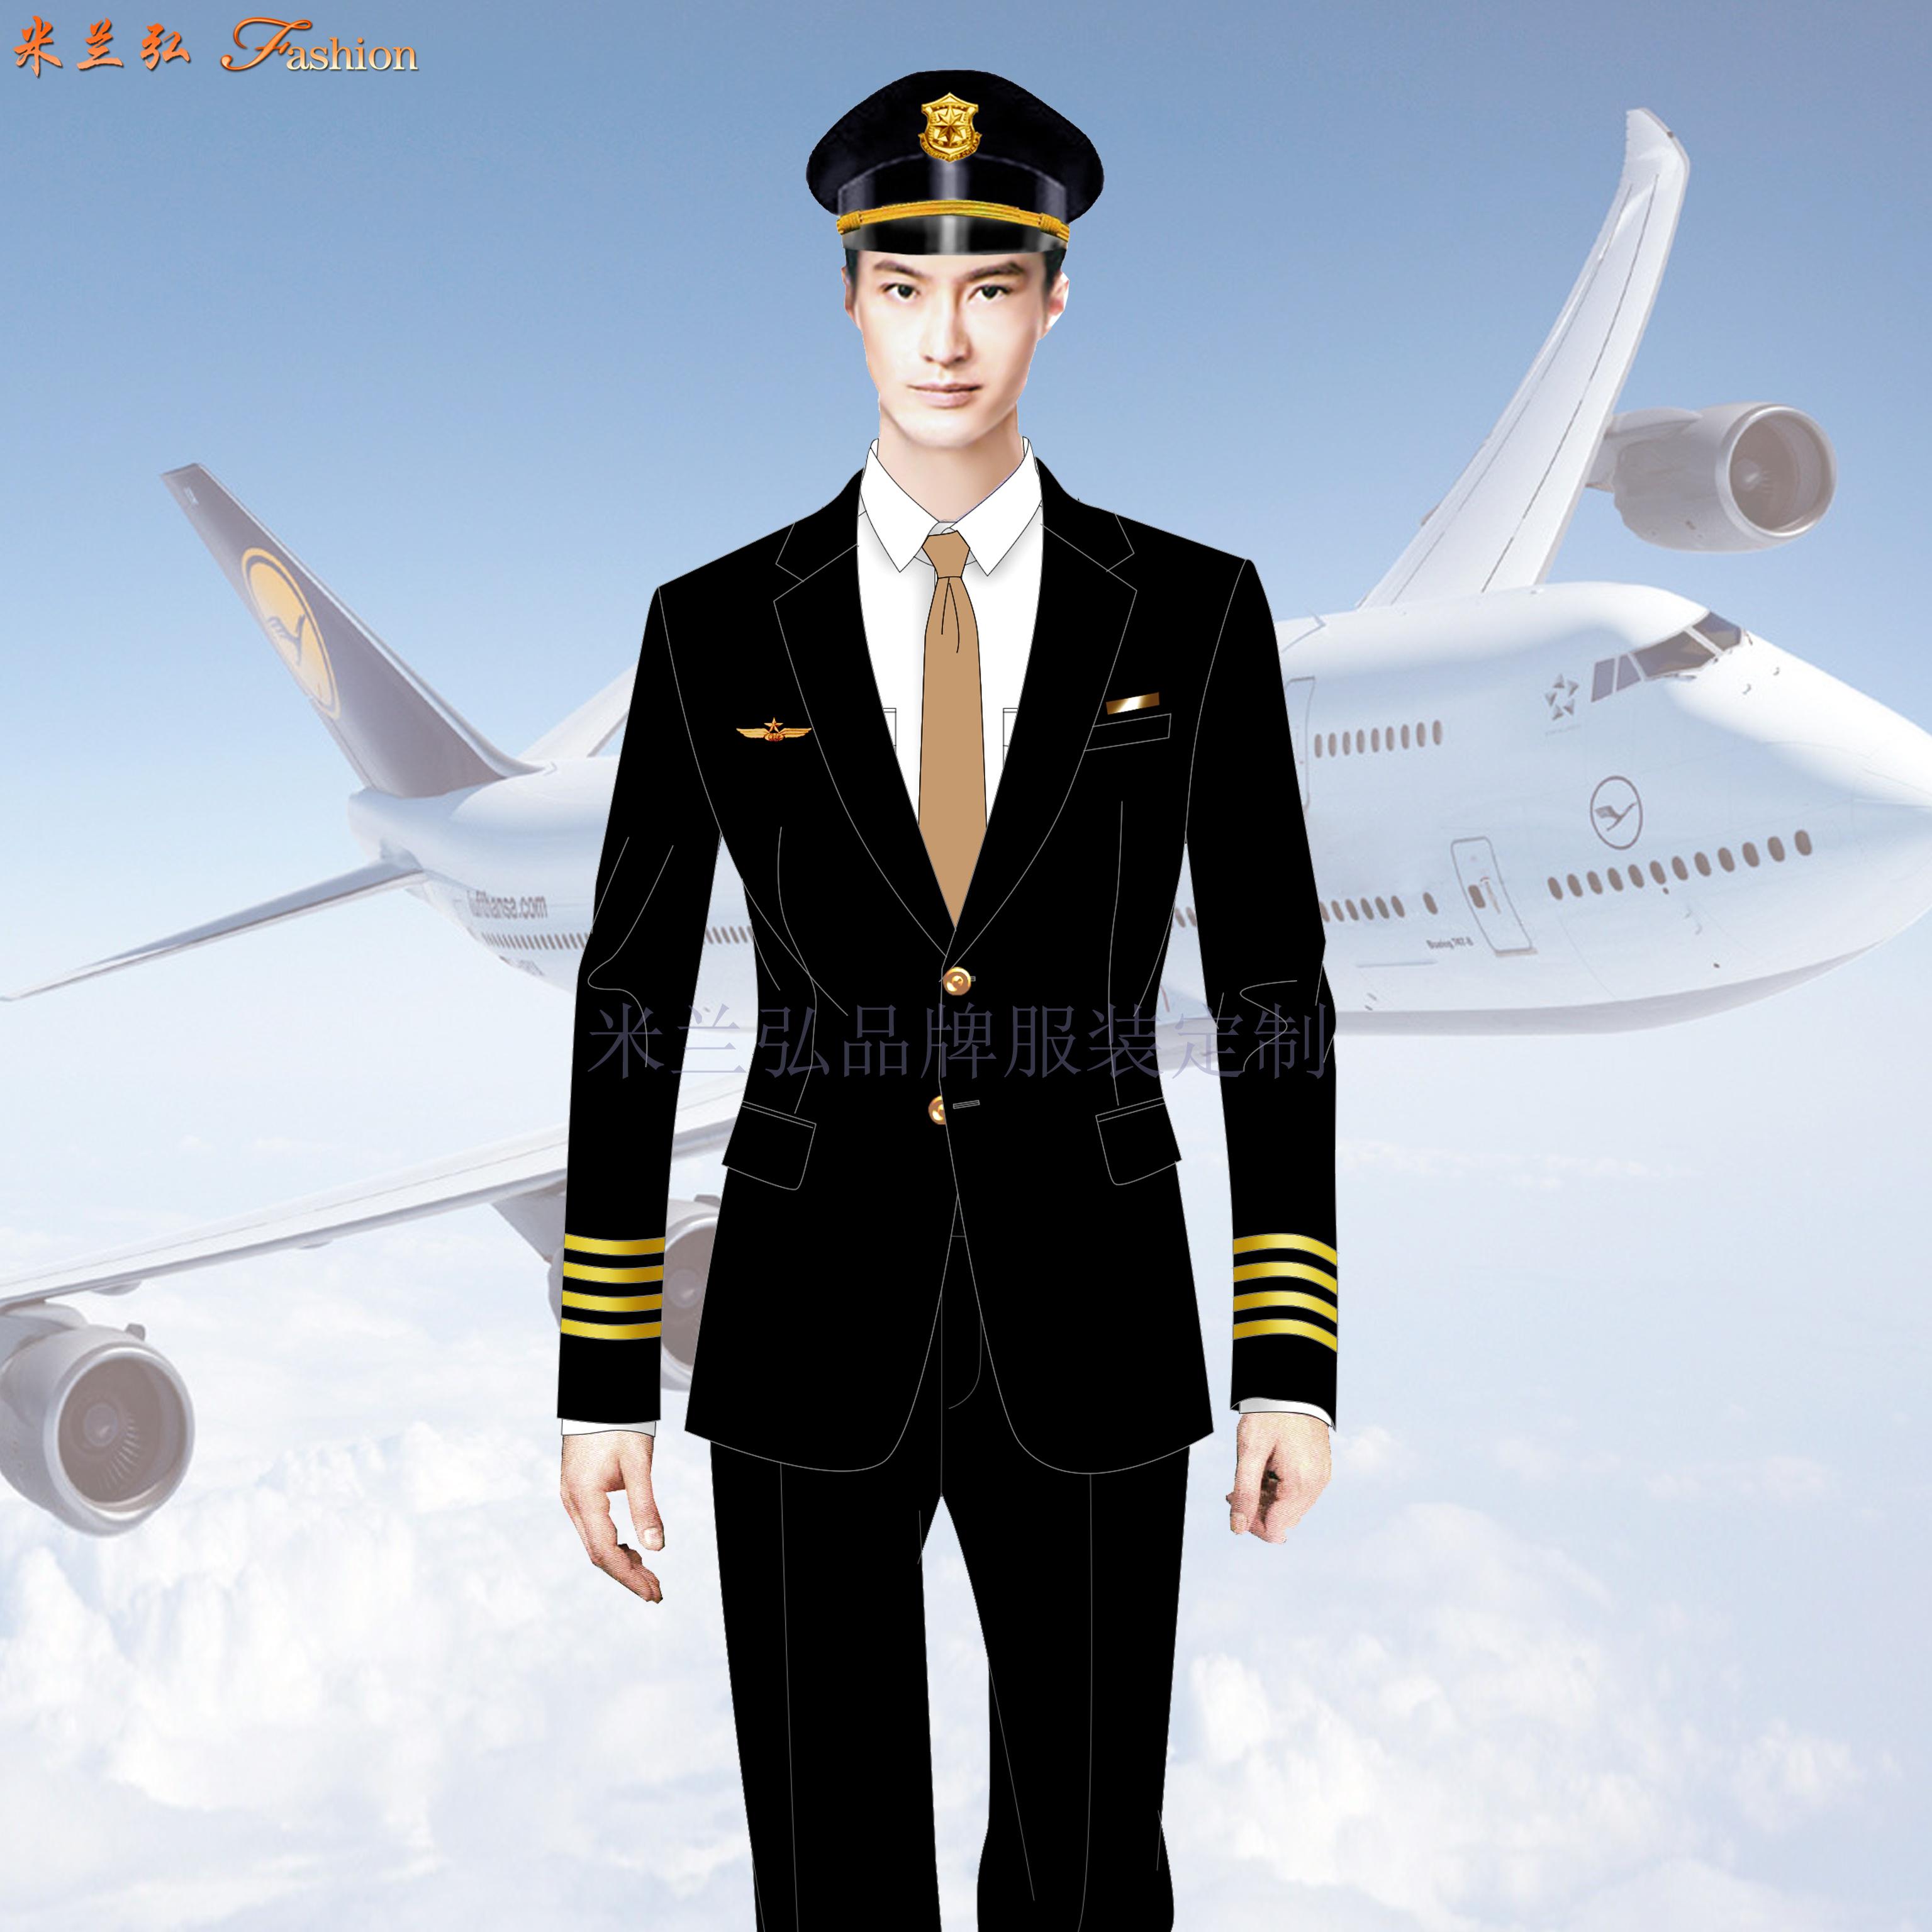 「天津空乘服裝定做」圖片_價格_流程_麵料_公司-最新送体验金网站空姐服-6